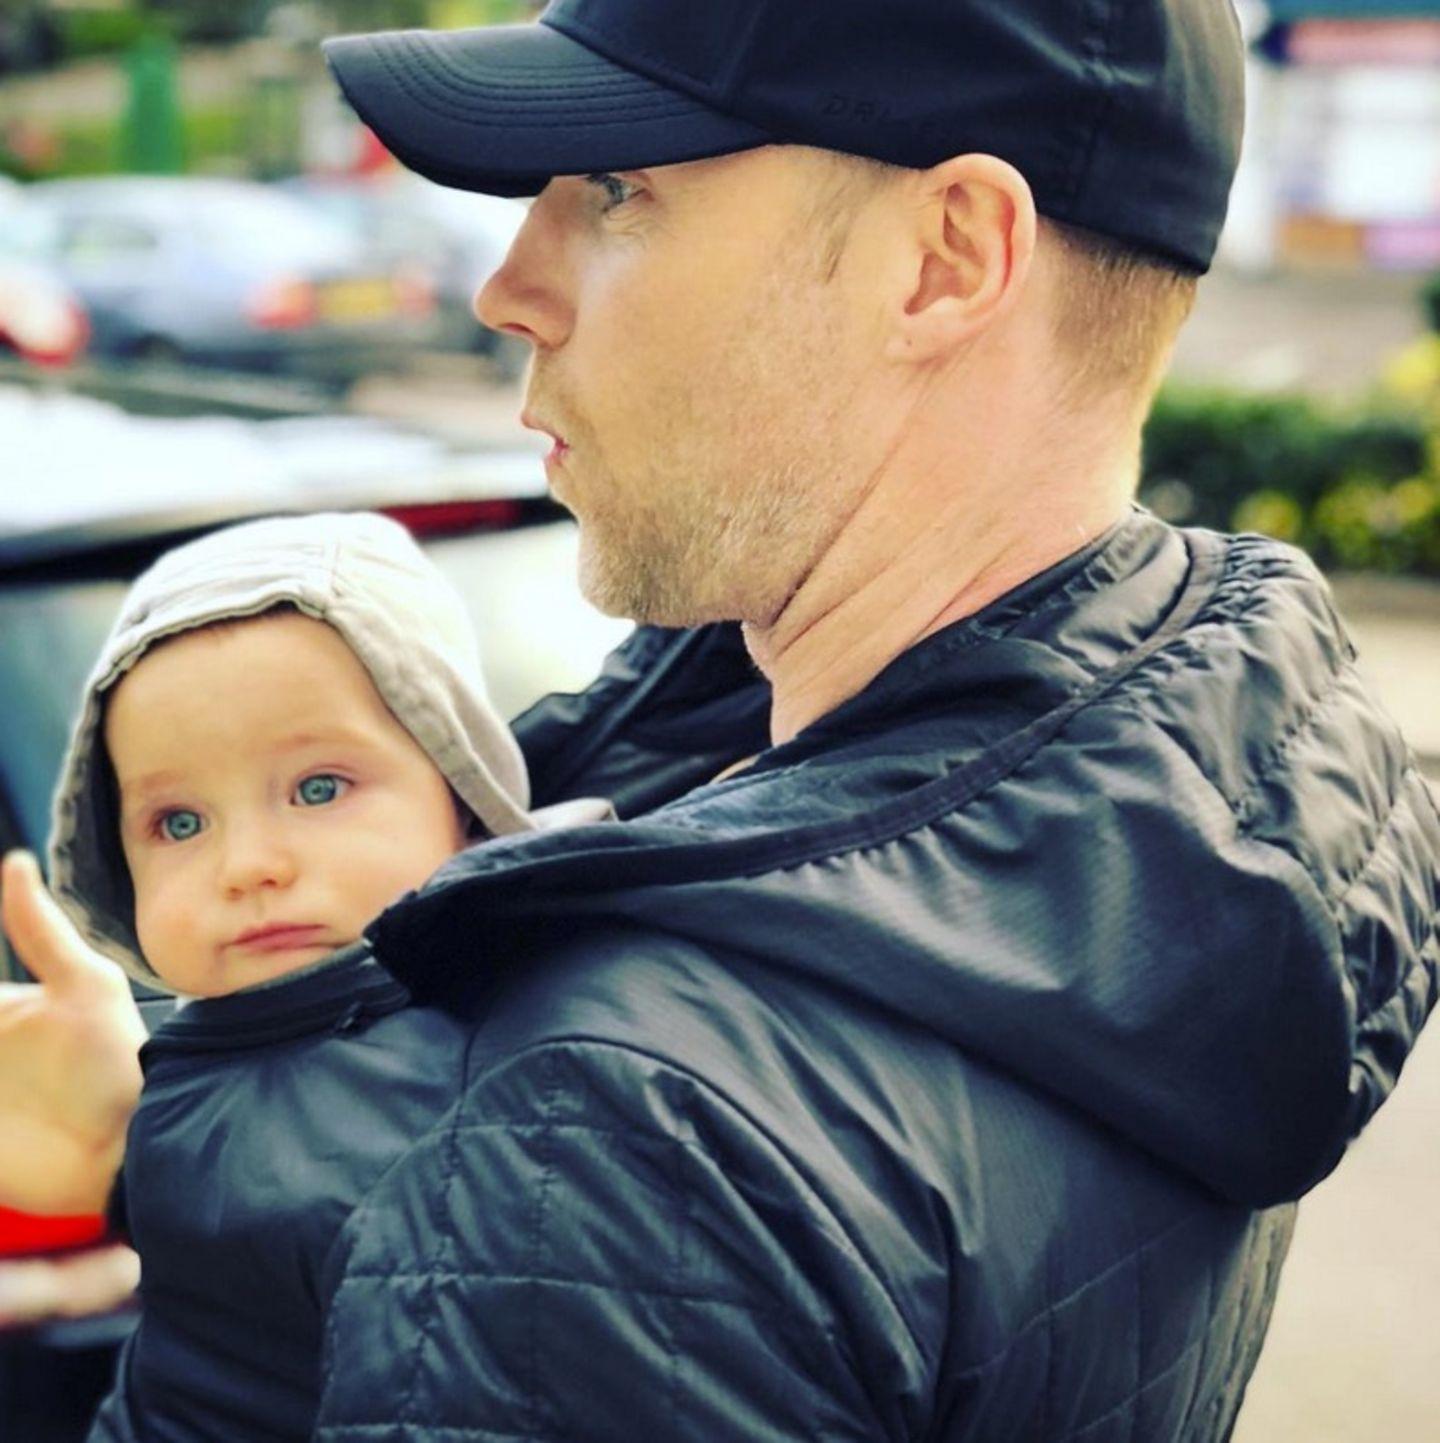 1. Februar 2018  Huch! Wer schaut denn da aus Papa Ronan Keating's Jacke hervor? Es ist der kleine Cooper!